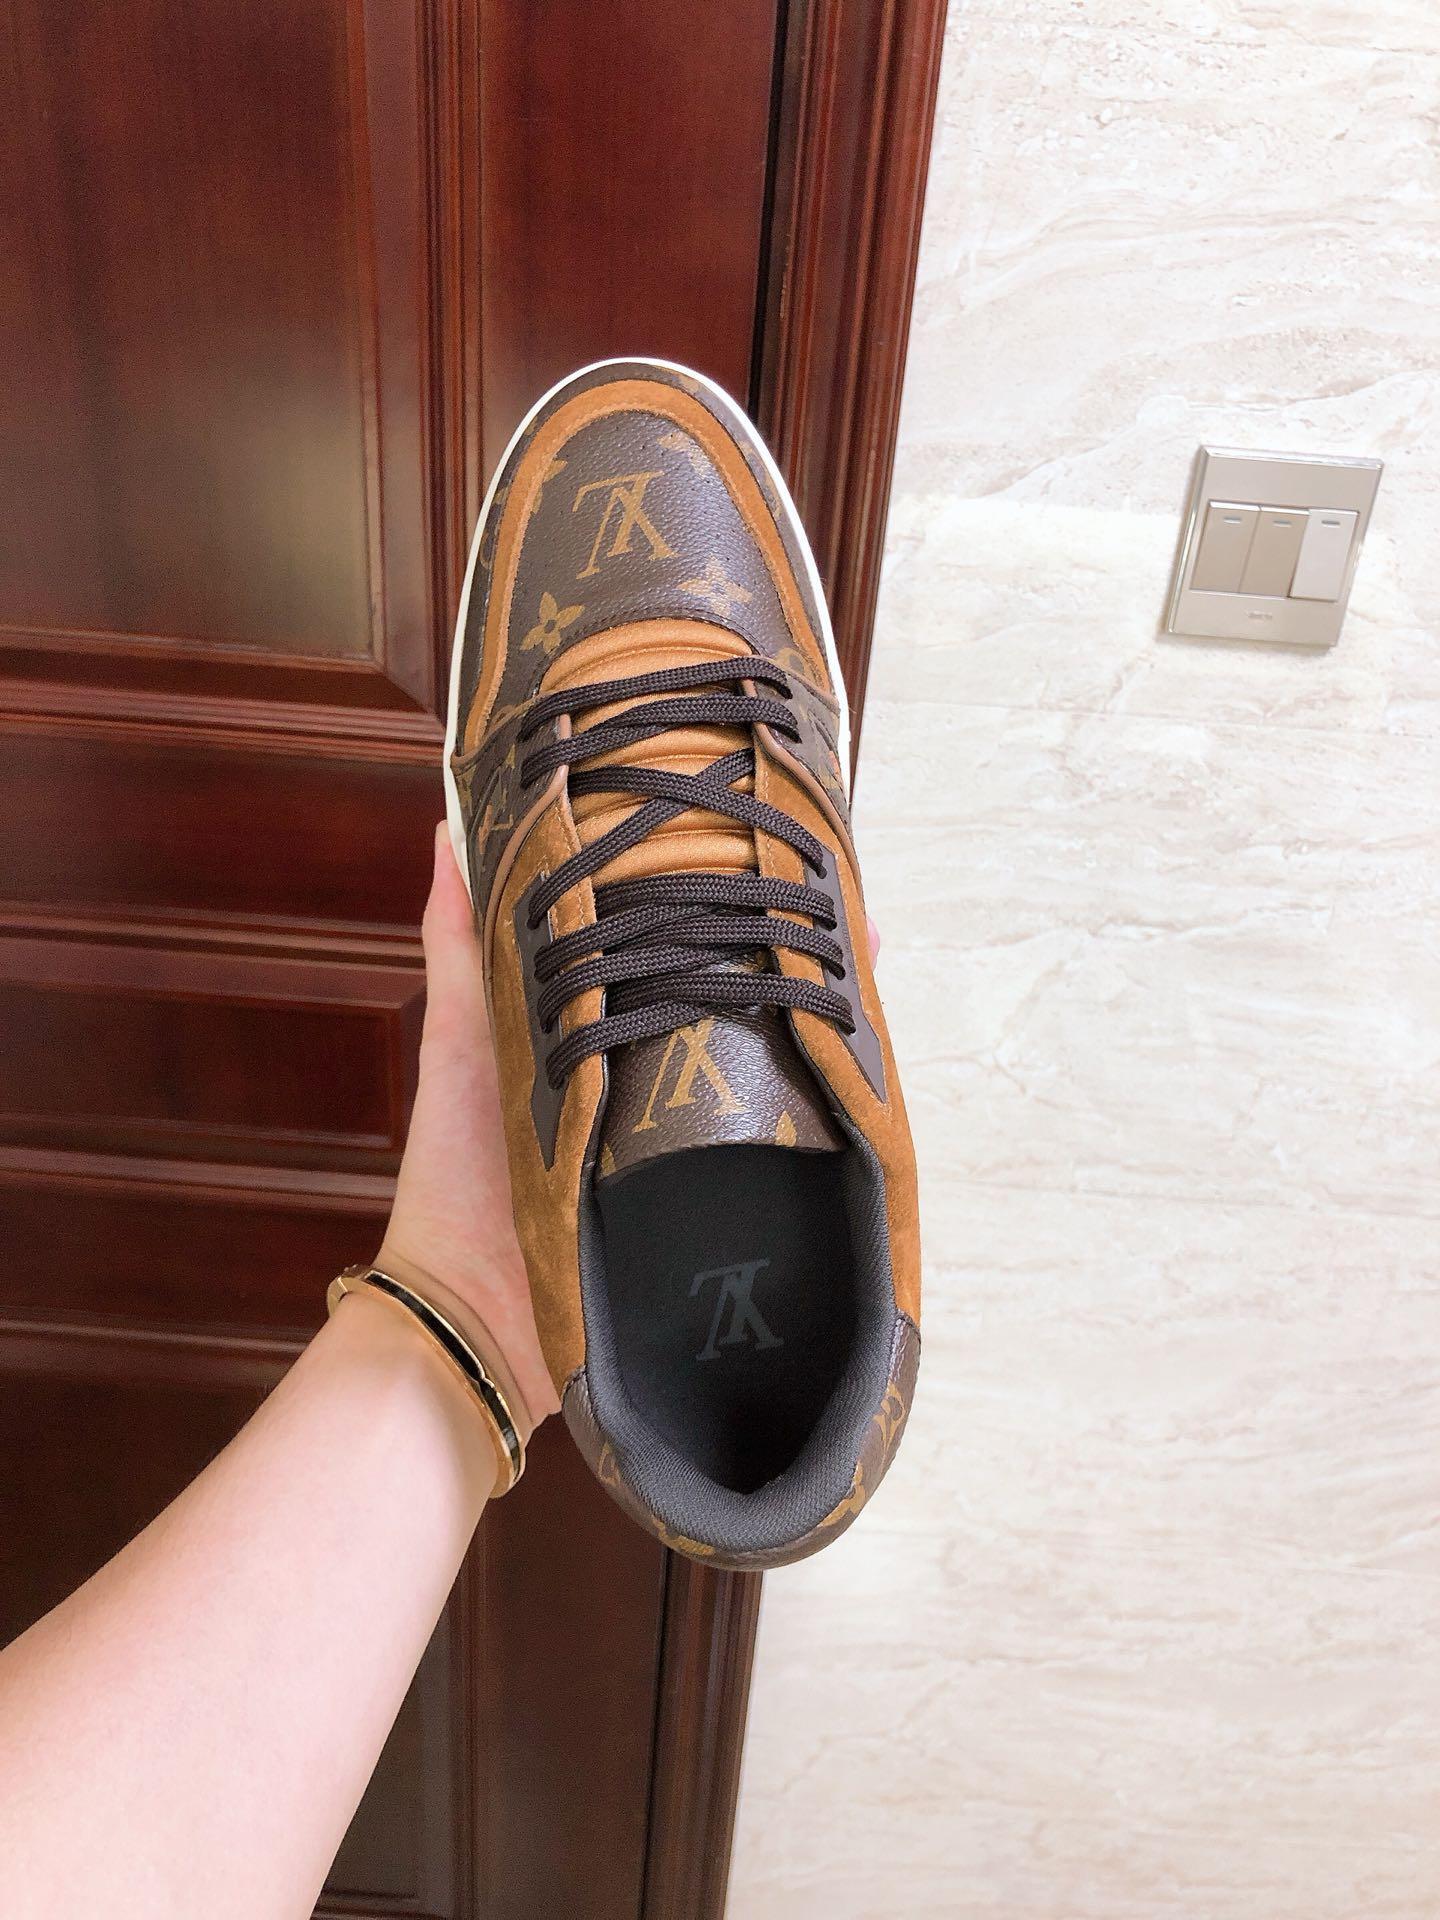 lv trainer sneaker 1A5UR7 lv men sneaker lv shoes Monogram canvas  lv men shoes  8